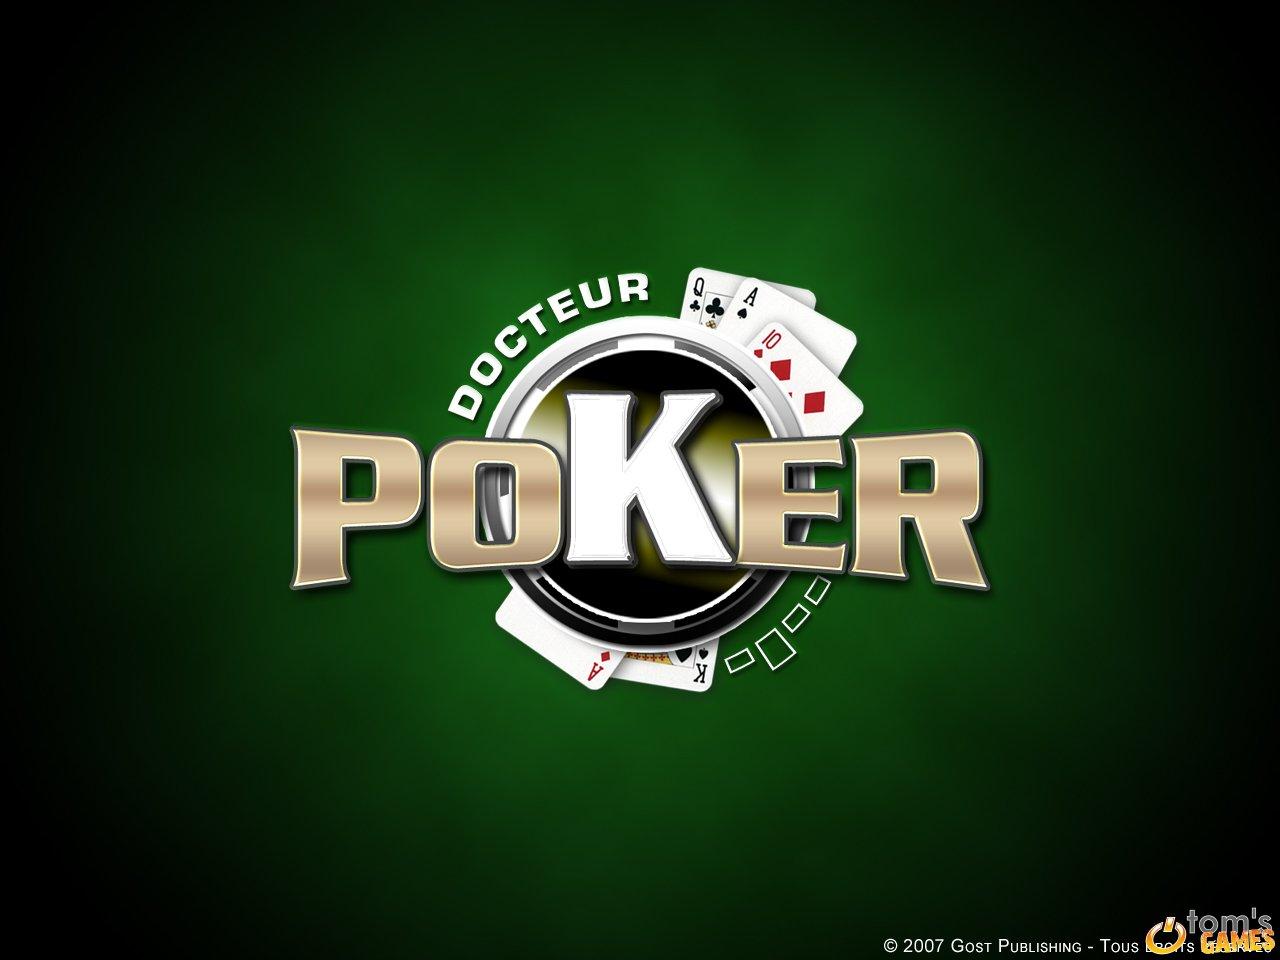 8chan Wallpaper: Poker Wallpaper HD